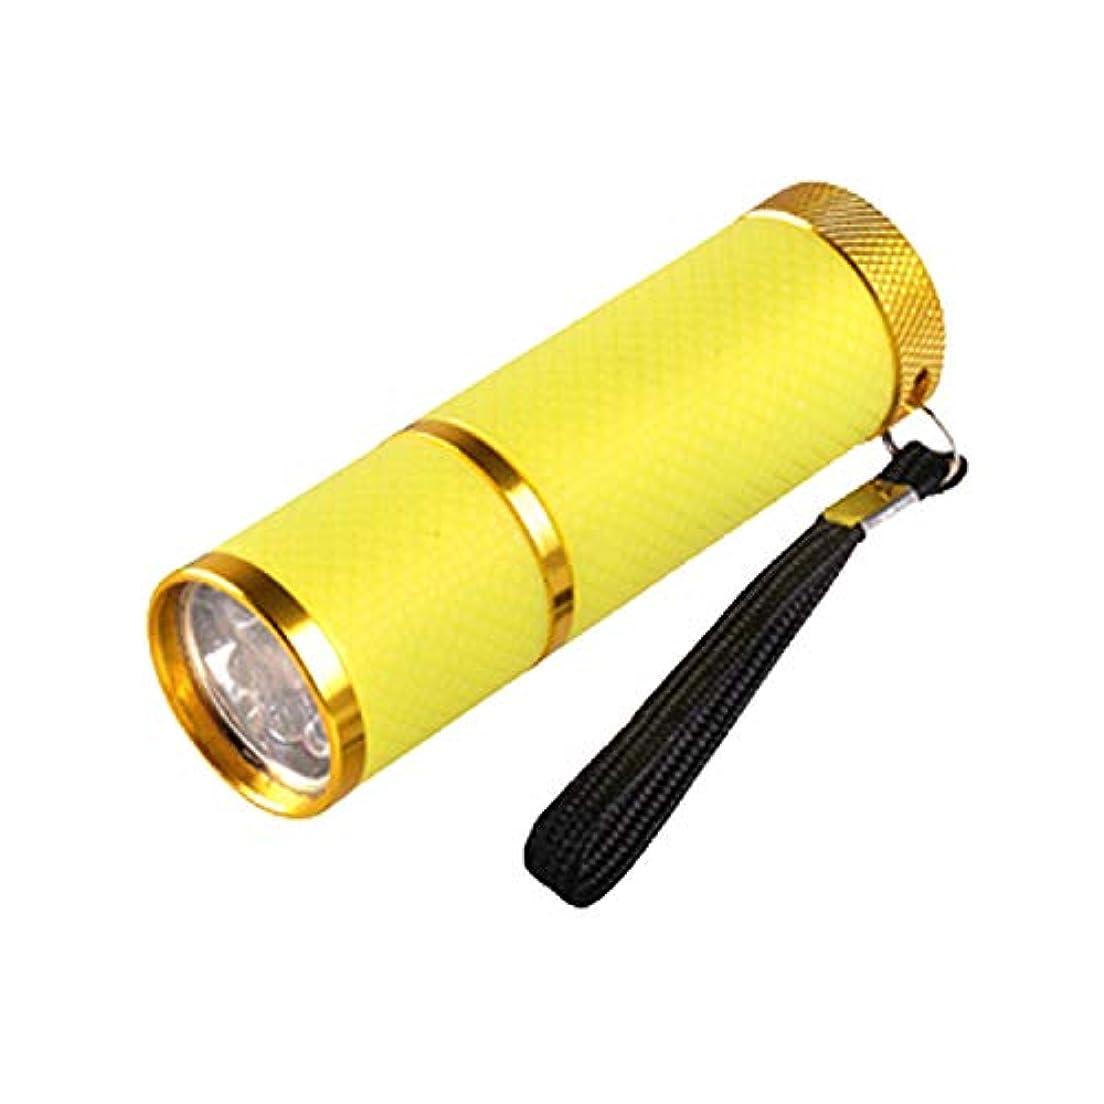 脅威口述結果としてネイル?レジンクラフト LED UVライト イエロー BY-NL550 ネコポス発送 送料無料